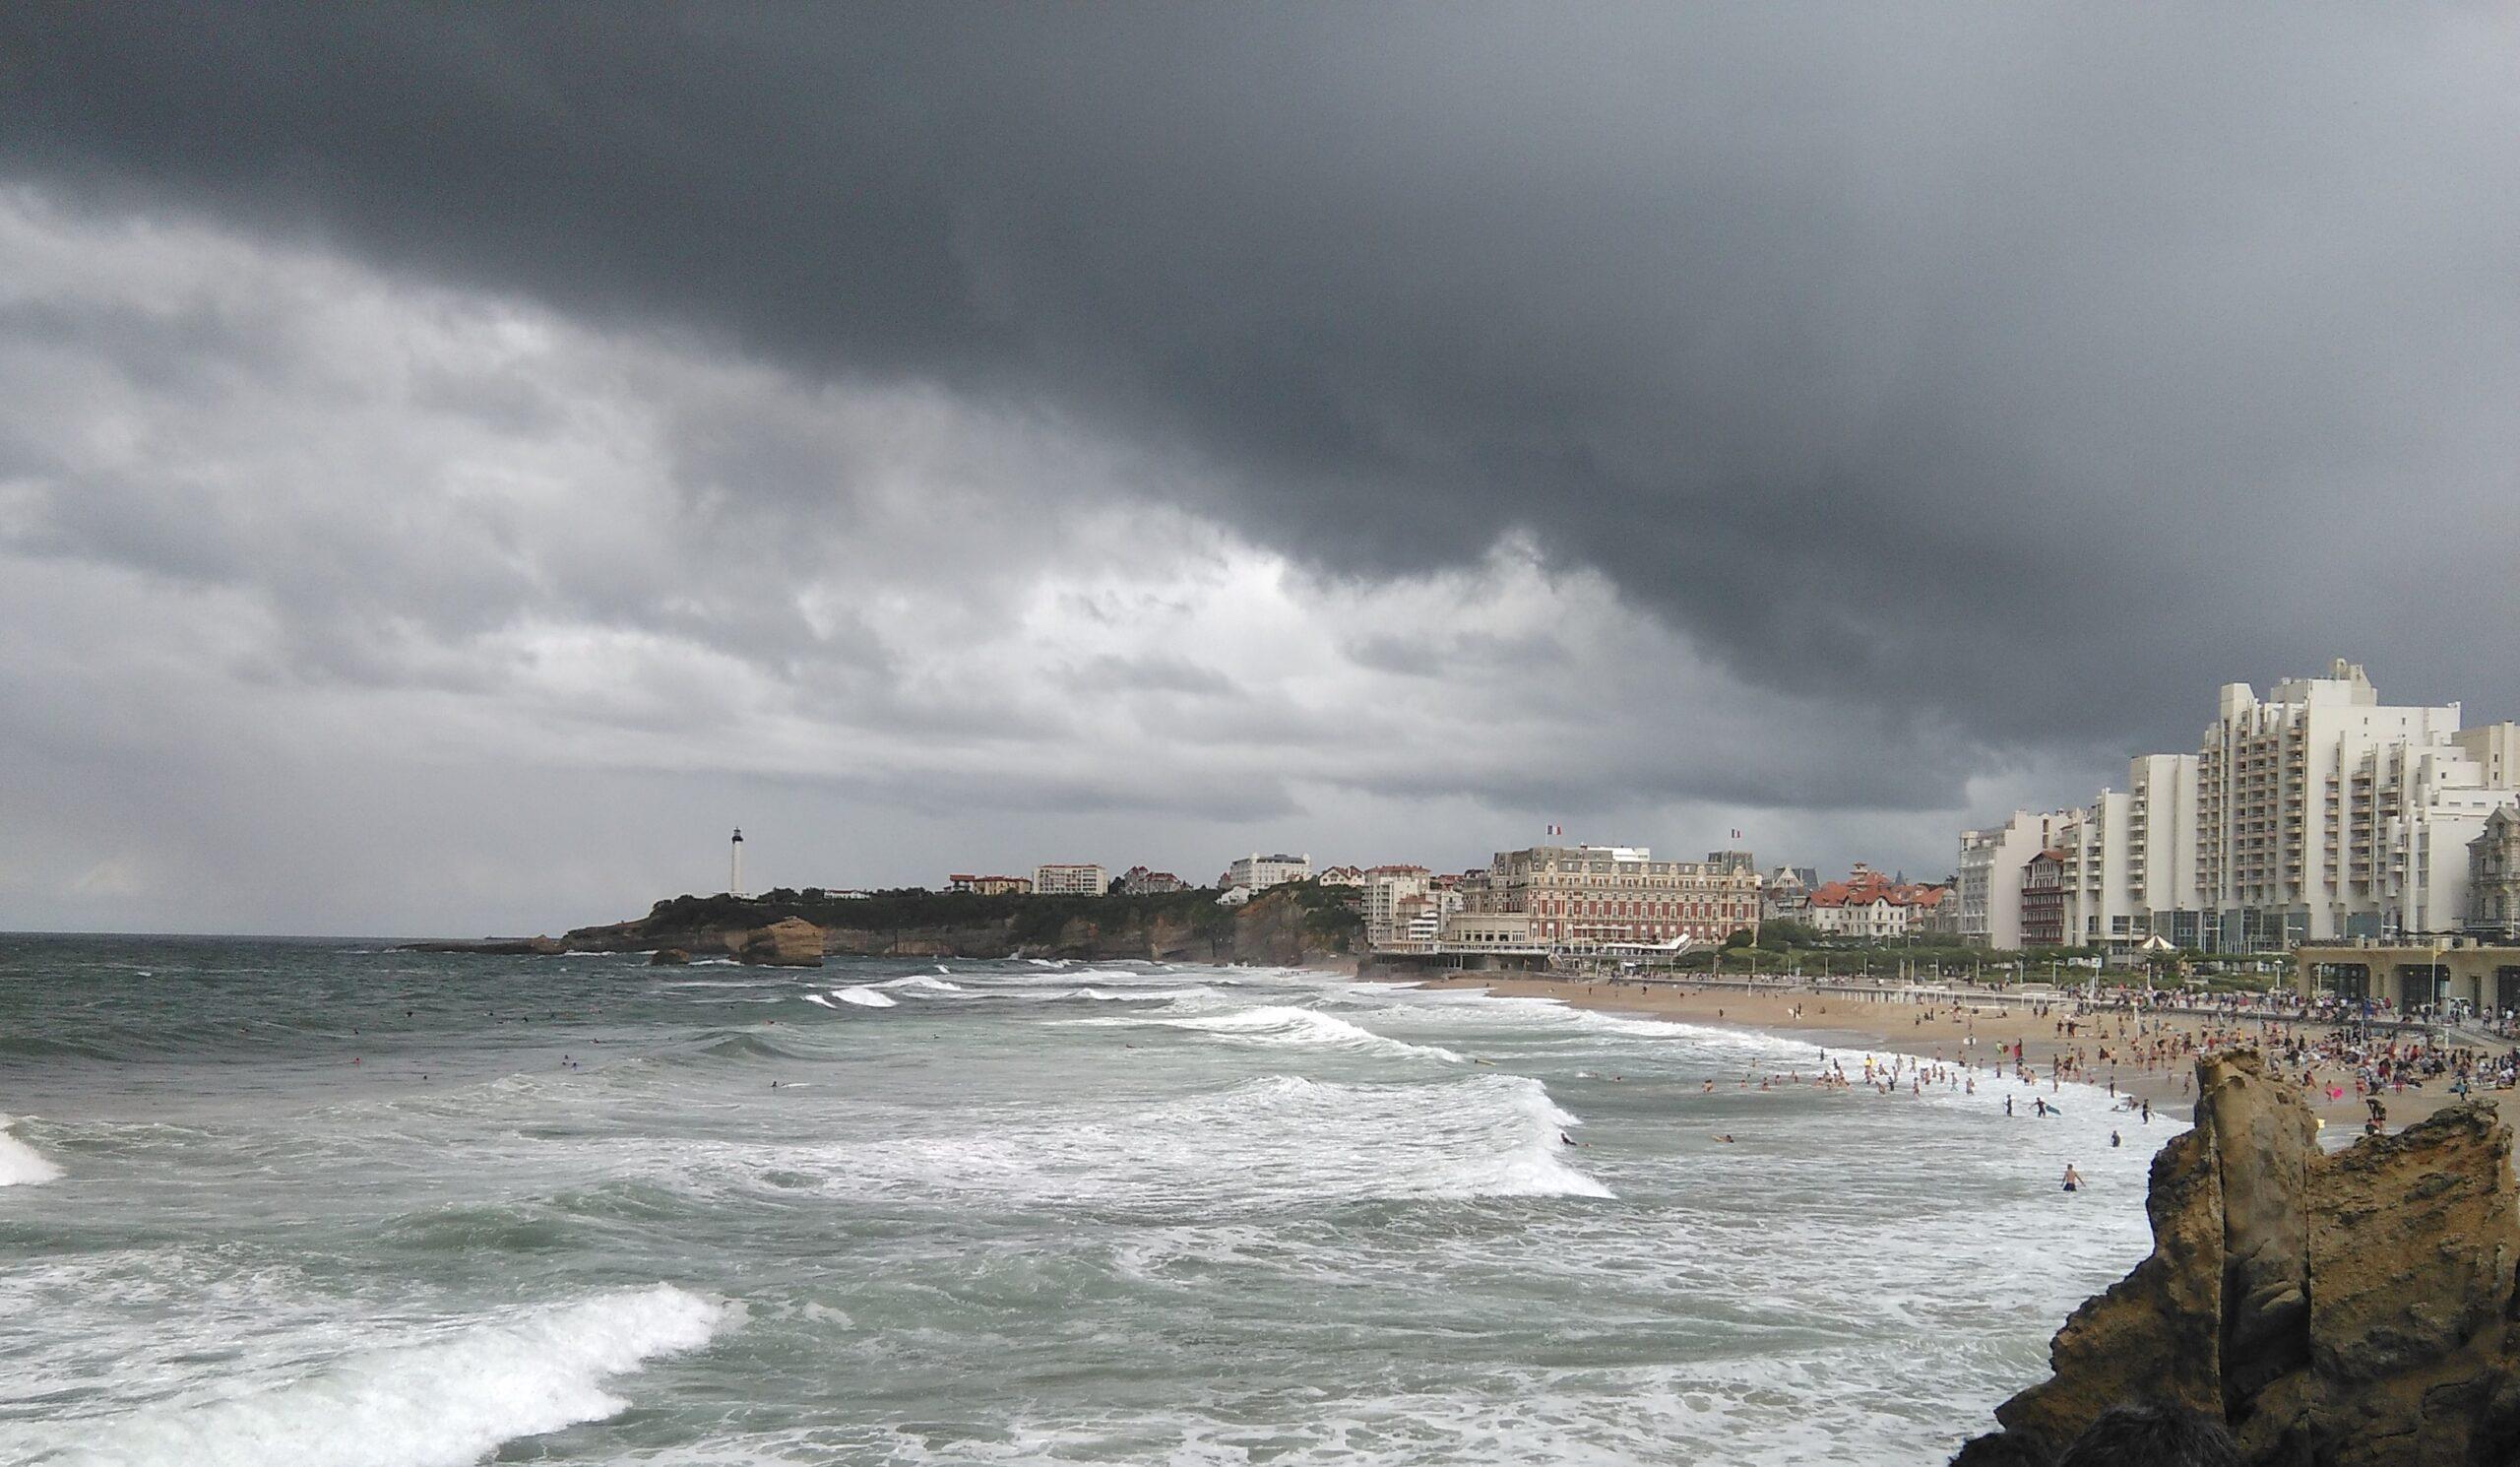 Surfen in Biarritz: Die schönsten Surfspots